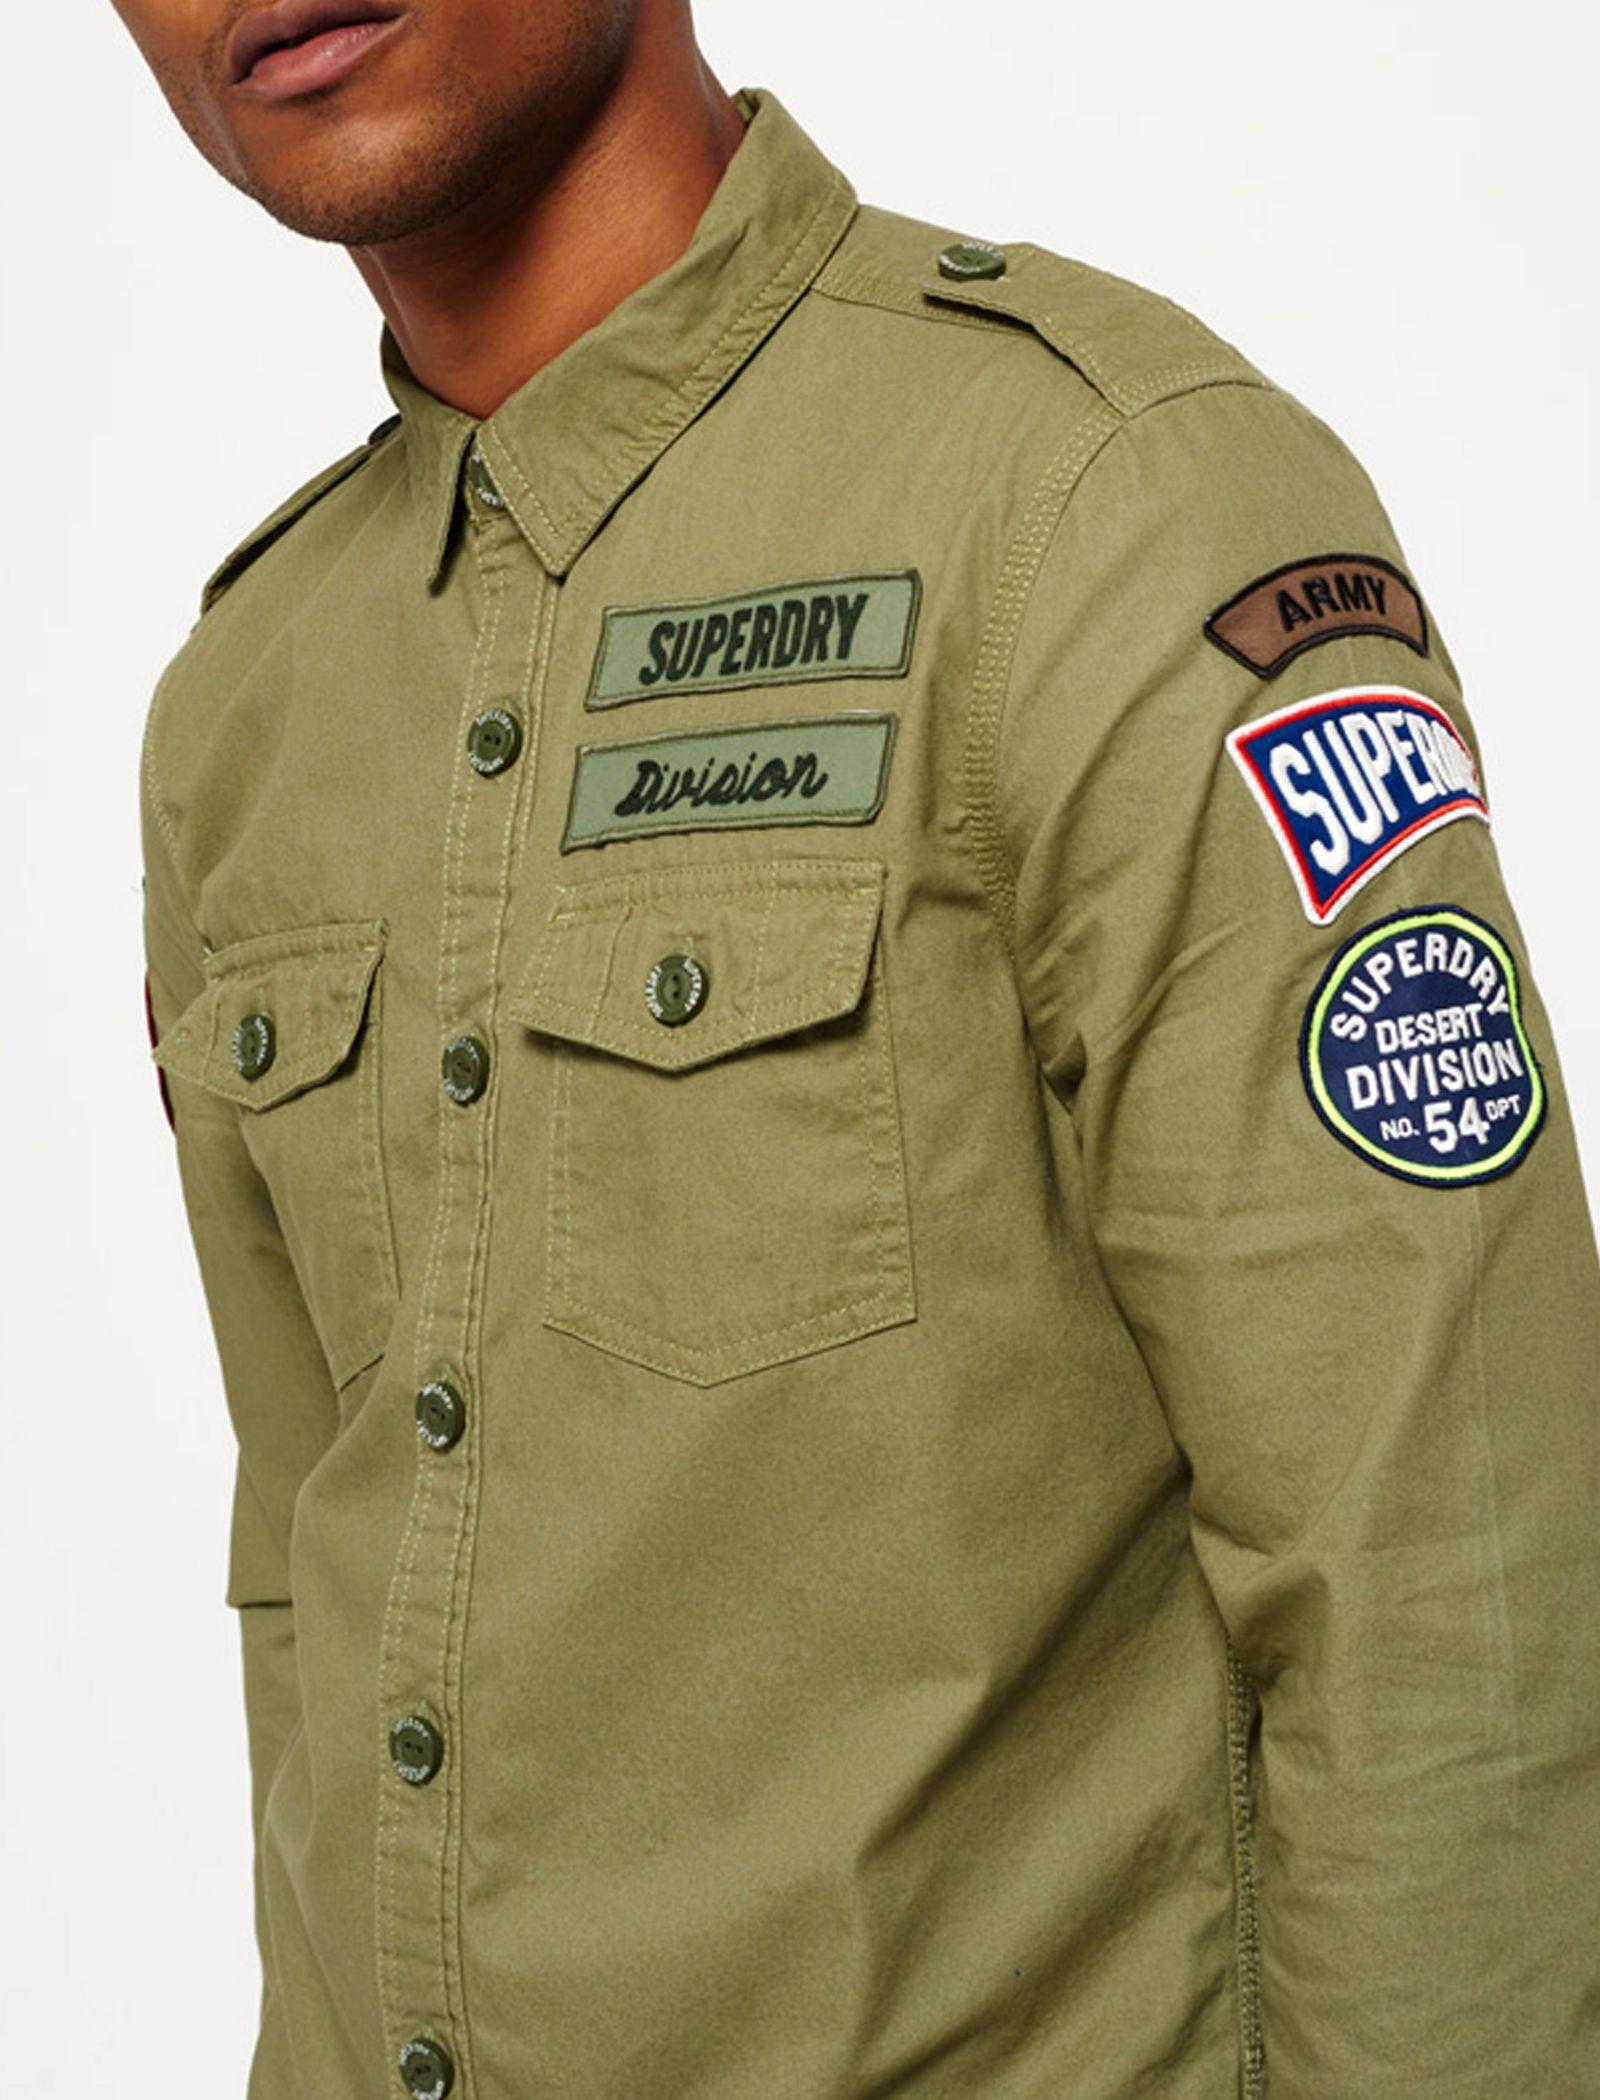 پیراهن نخی آستین بلند مردانه - سوپردرای - سبز - 7